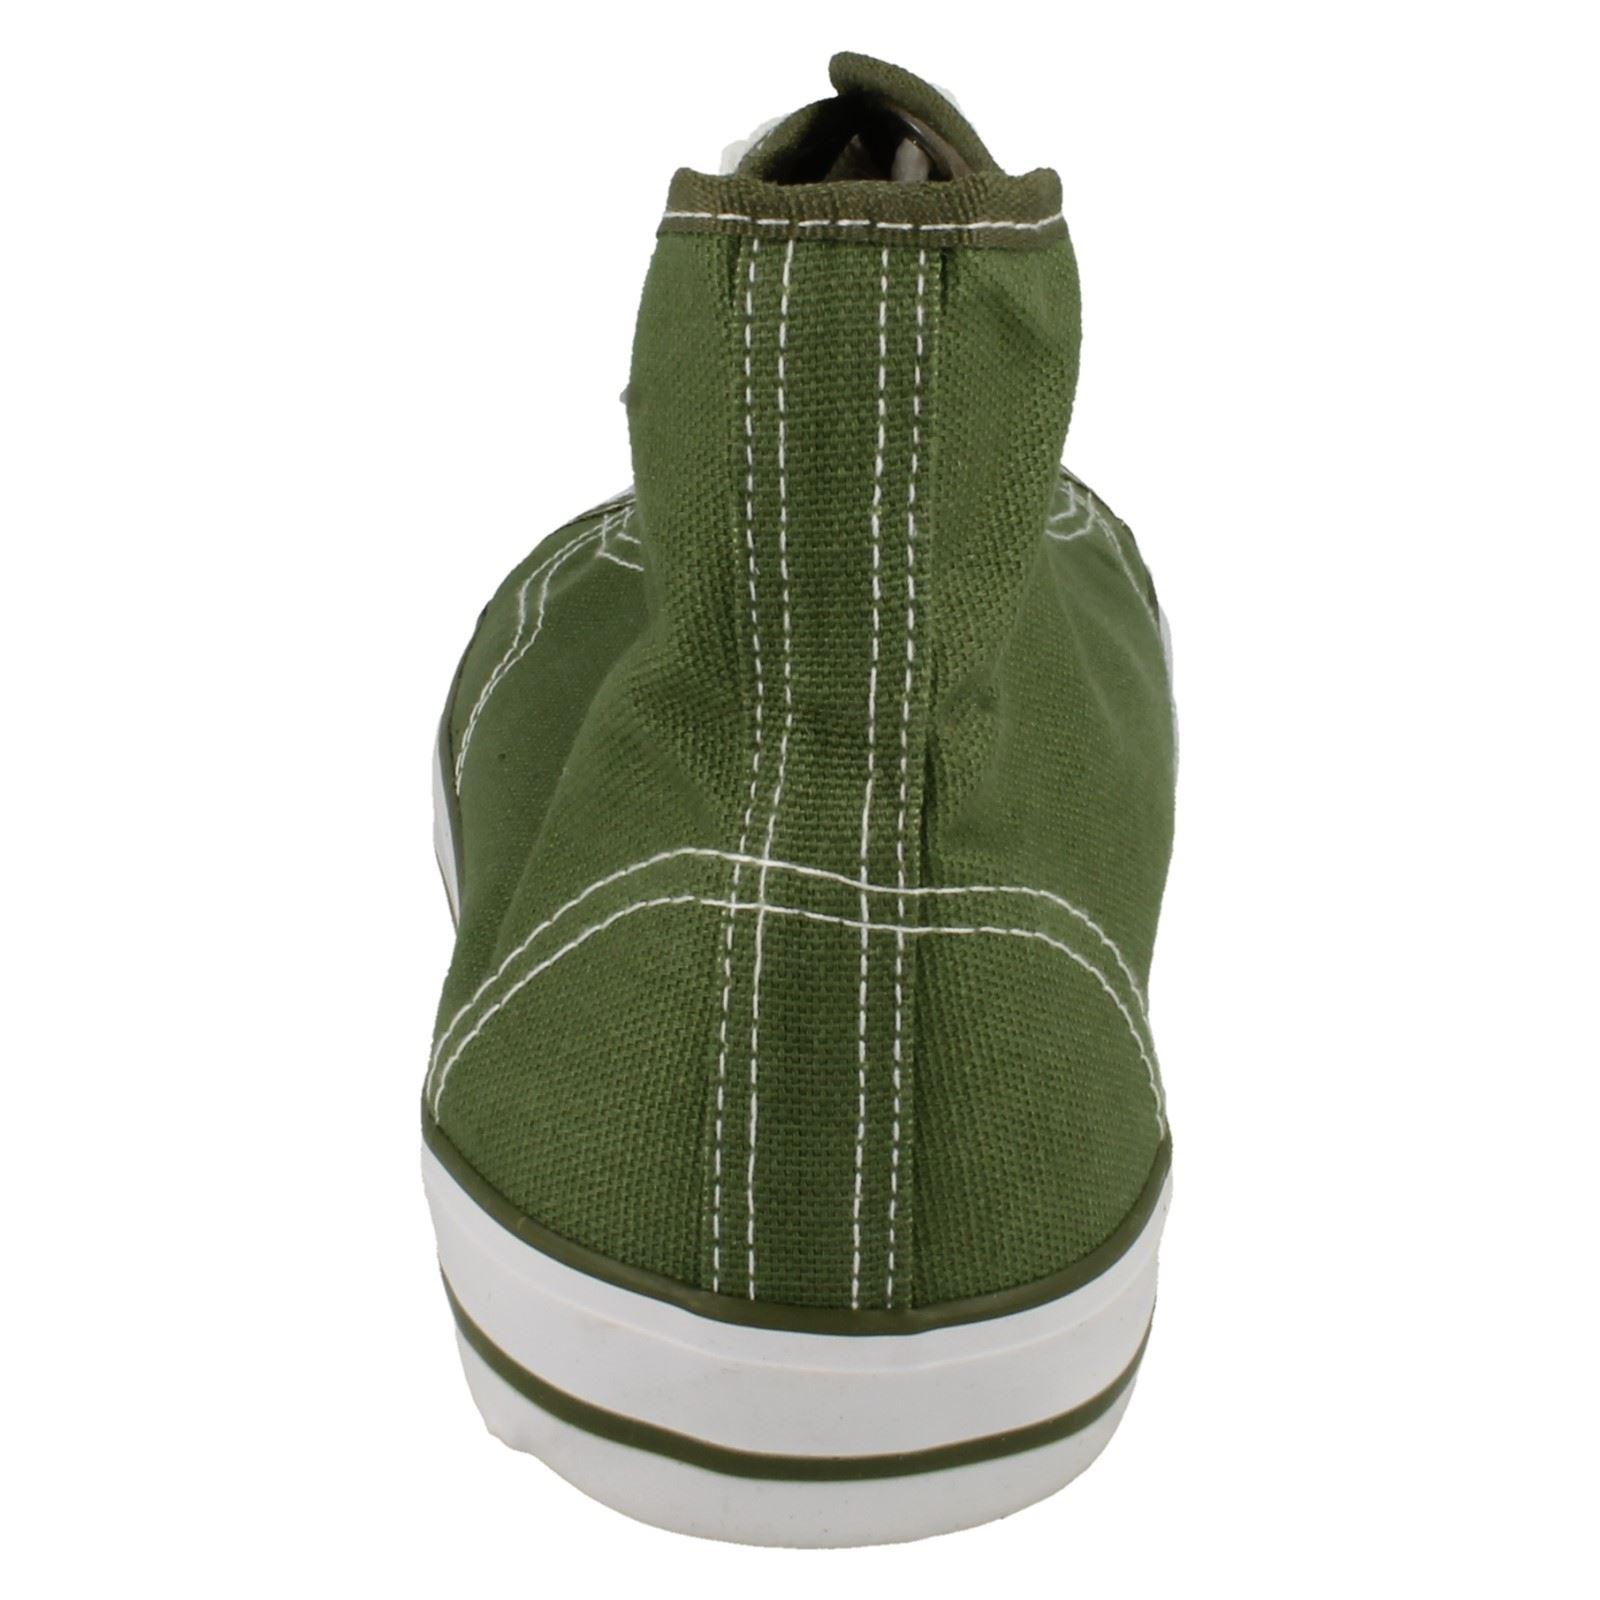 Spot-On-Chaussures-hautes-en-toile-Homme-KM565 miniature 17